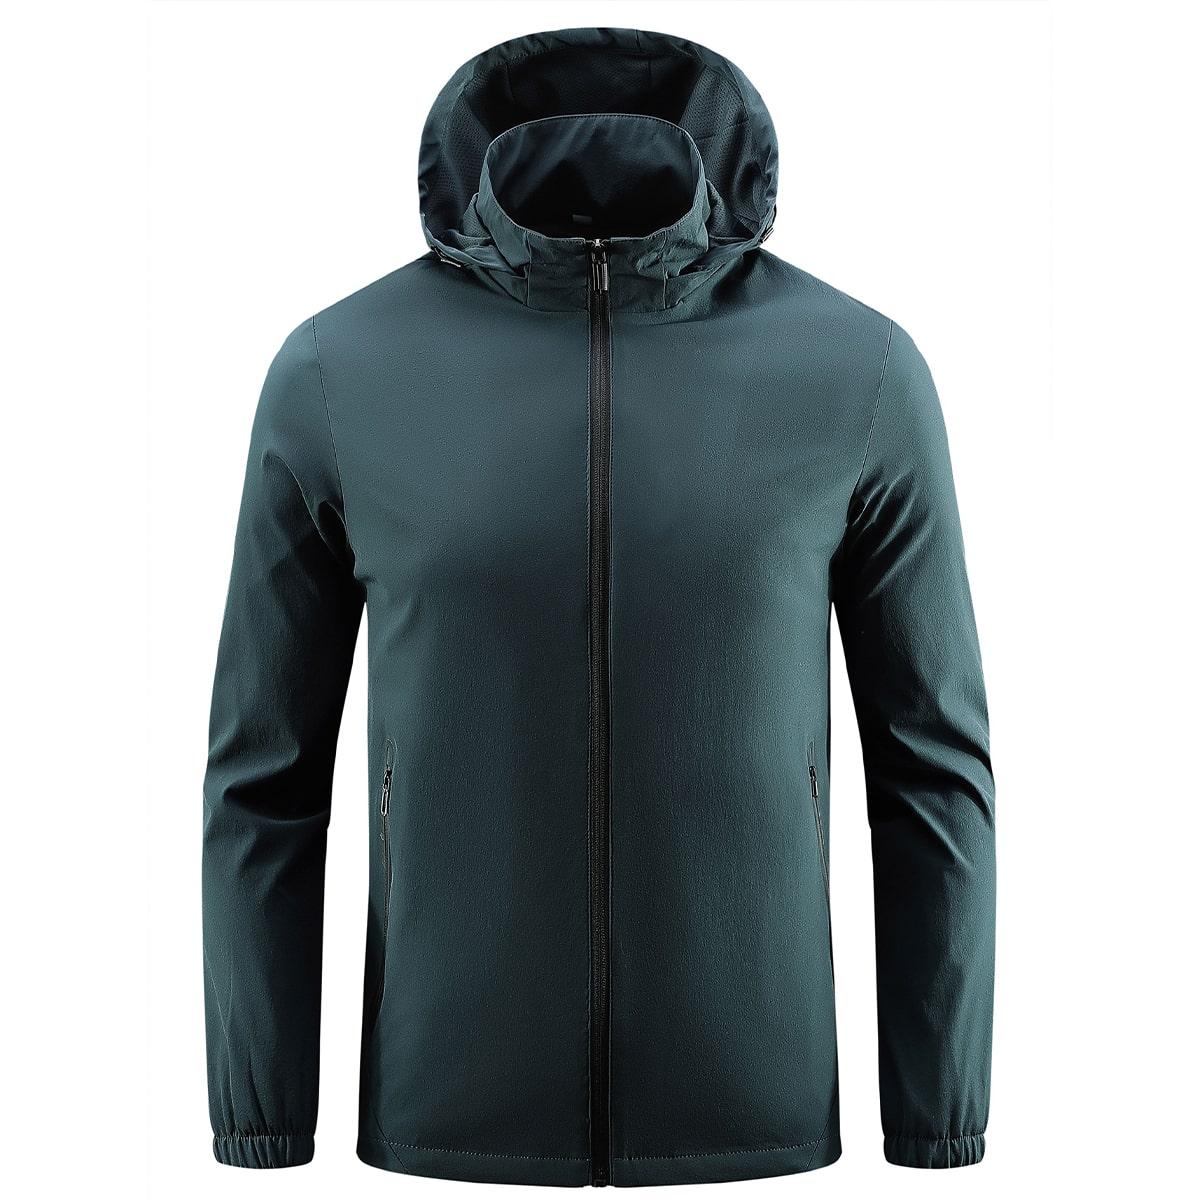 Мужская спортивная куртка с капюшоном и молнией